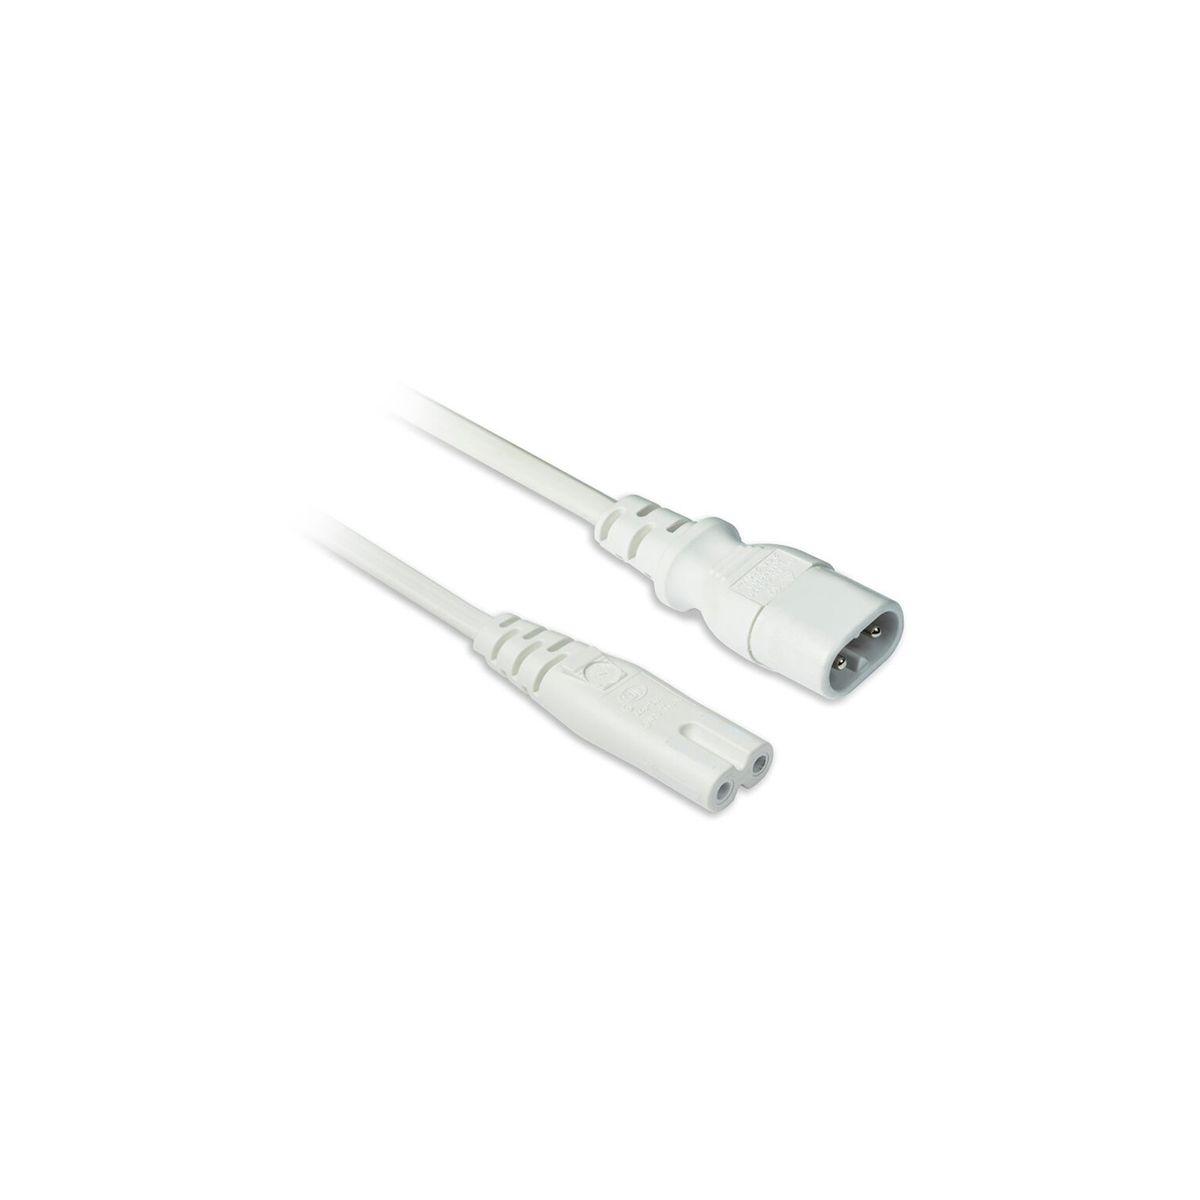 Câble flexson rallonge pour sonos sauf p - 20% de remise immédiate avec le code : cool20 (photo)